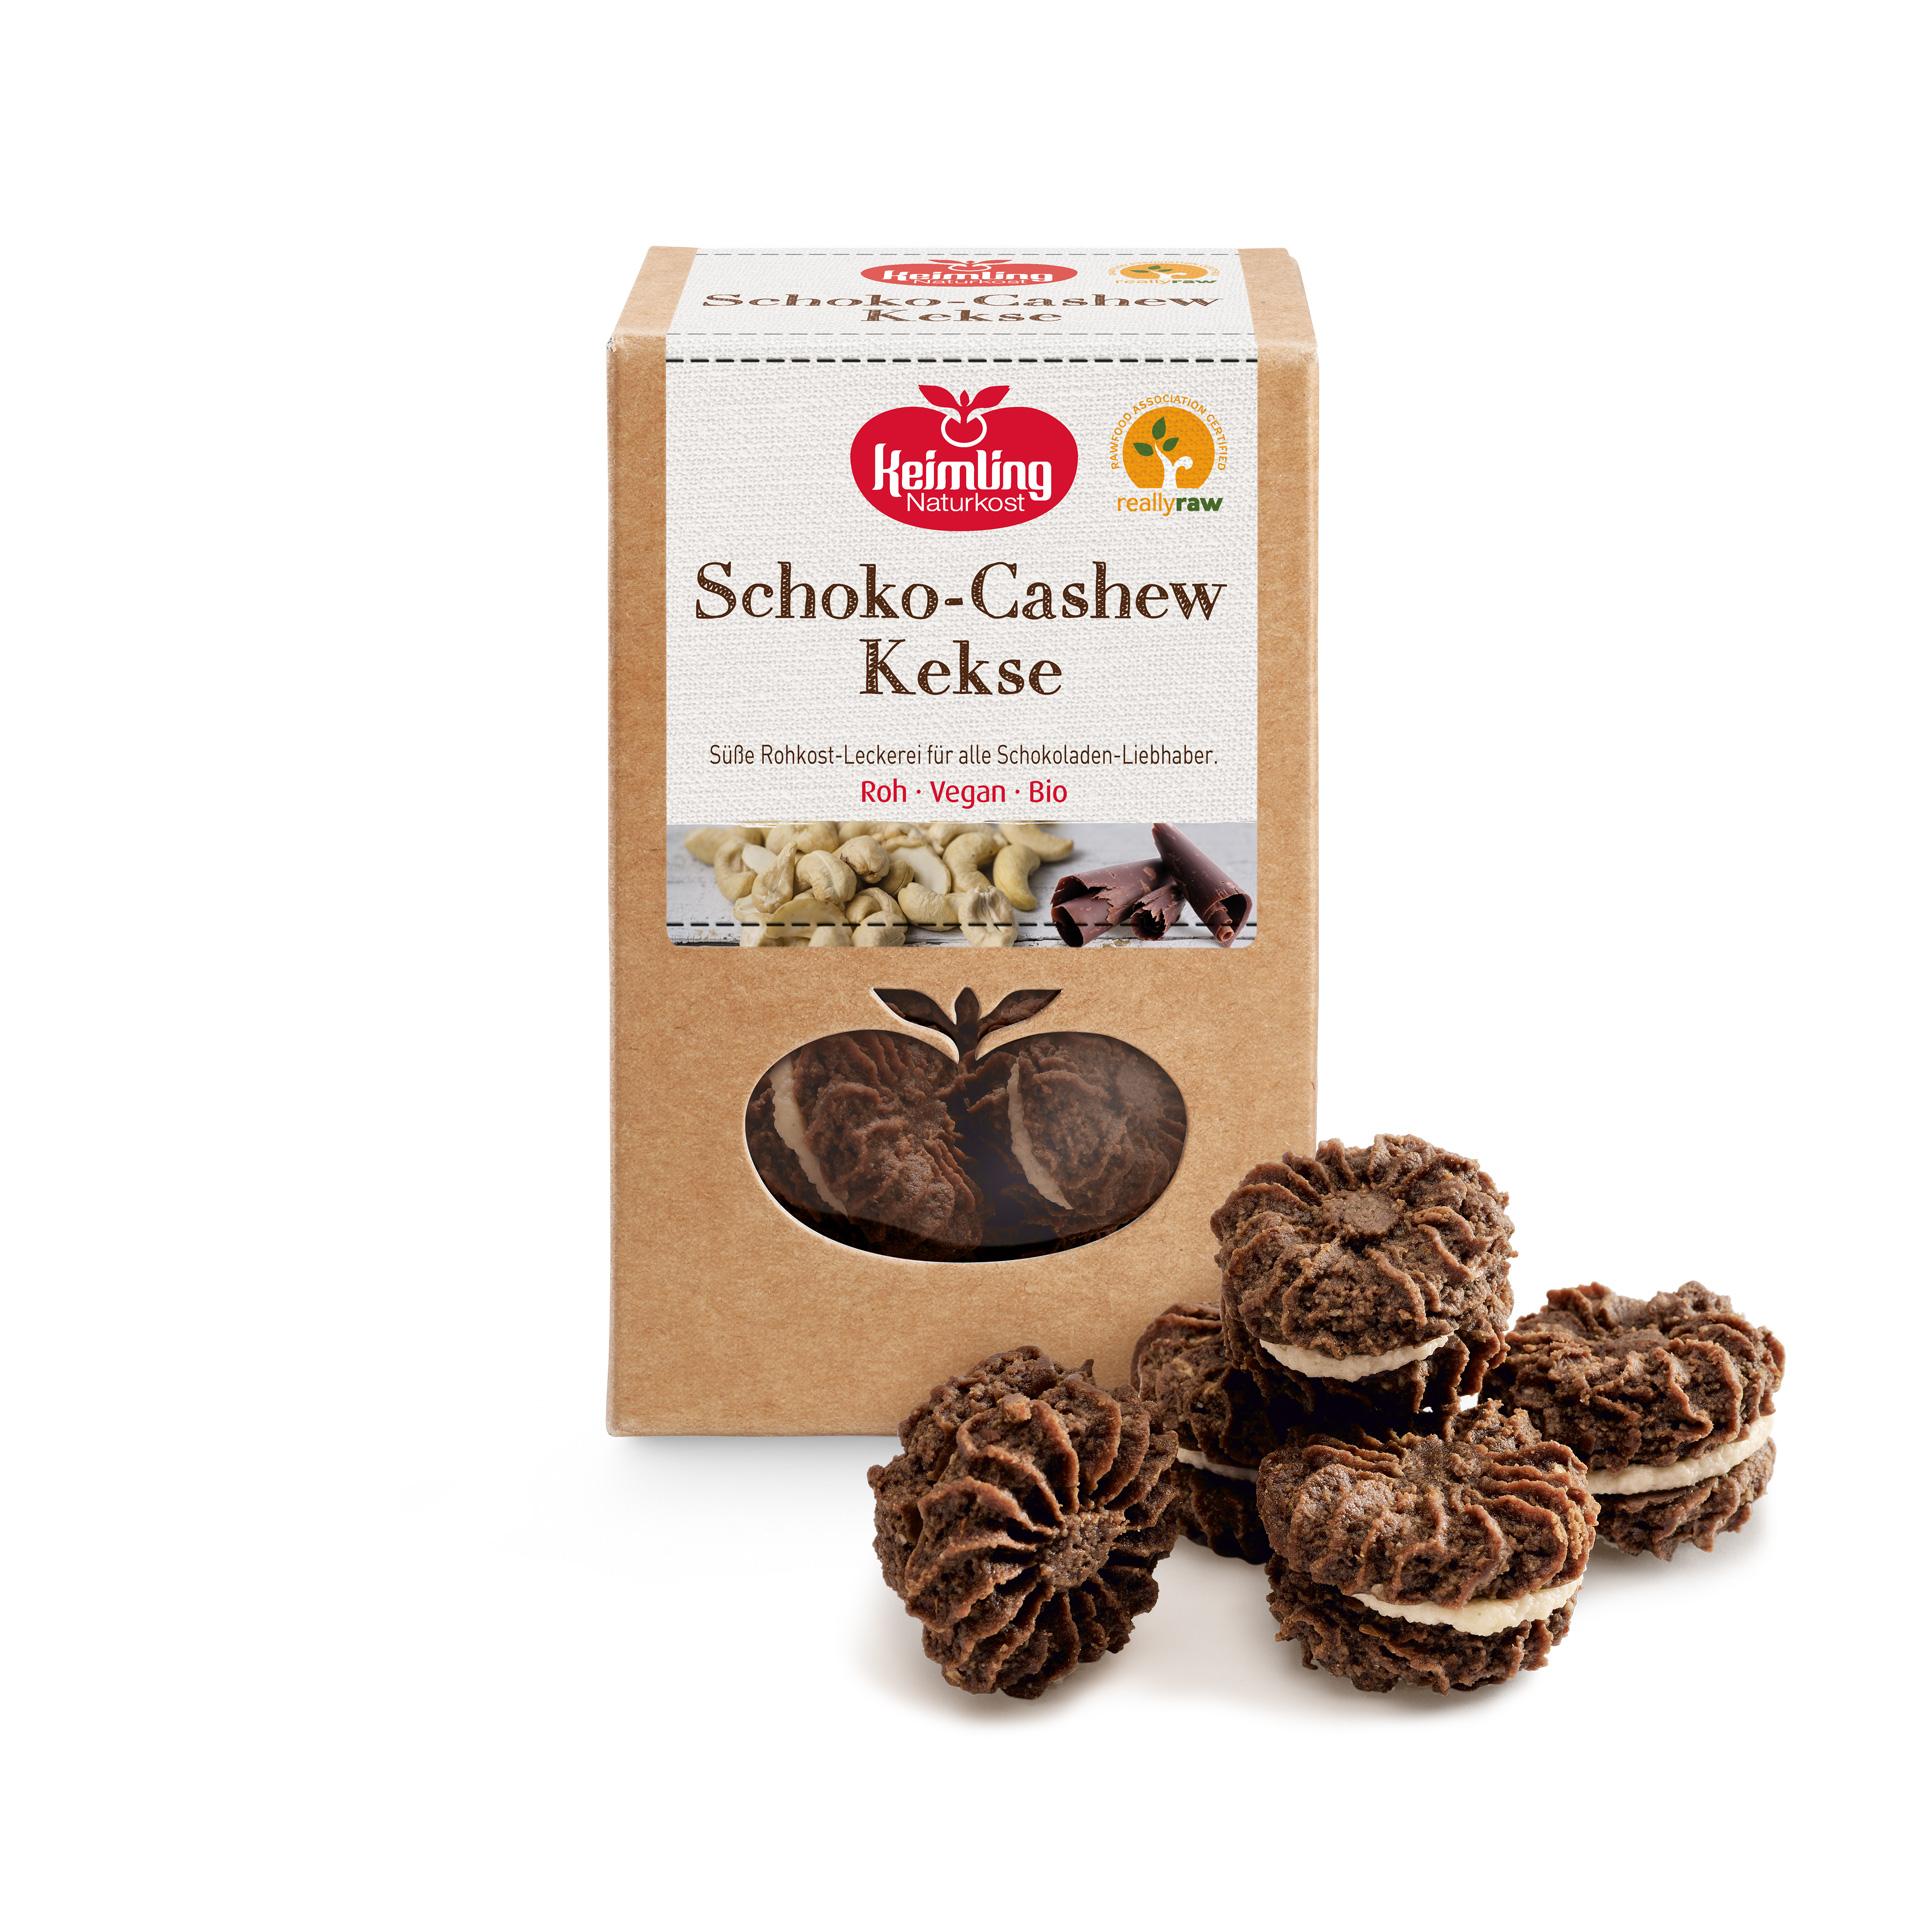 Rohkost-Kekse-cashew-schoko RR DEKO 1920x1920